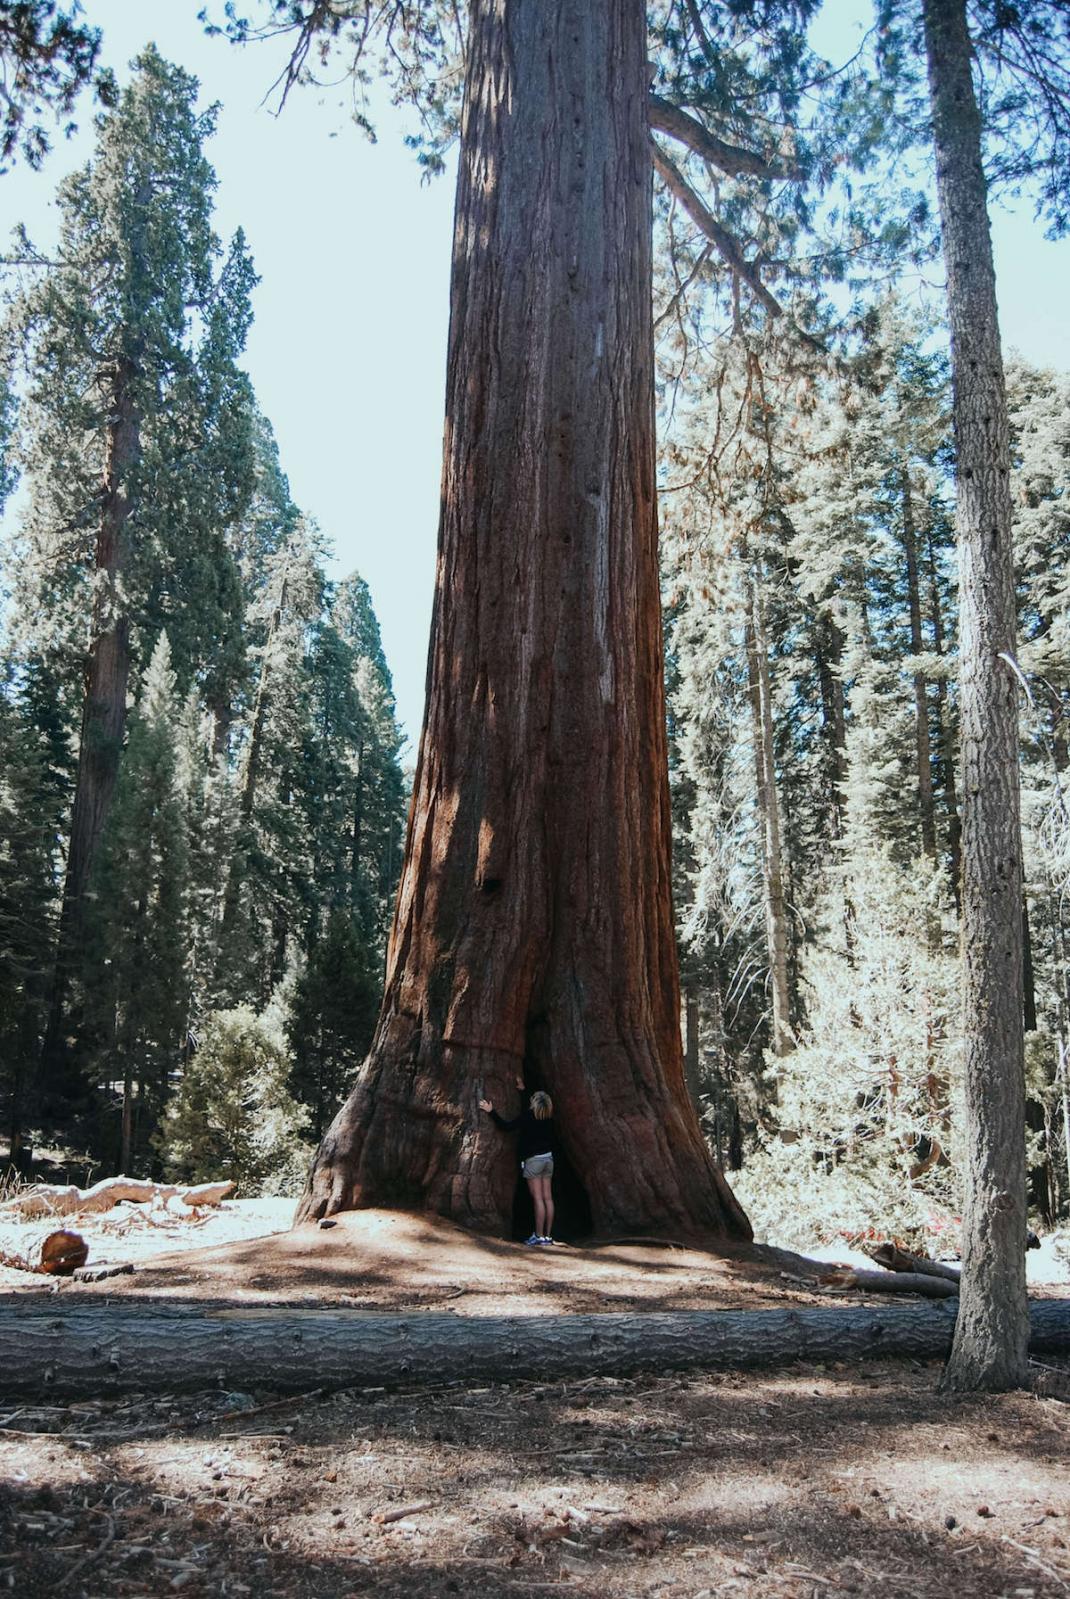 Kalifornien größter Baum der Welt im Sequia National Park